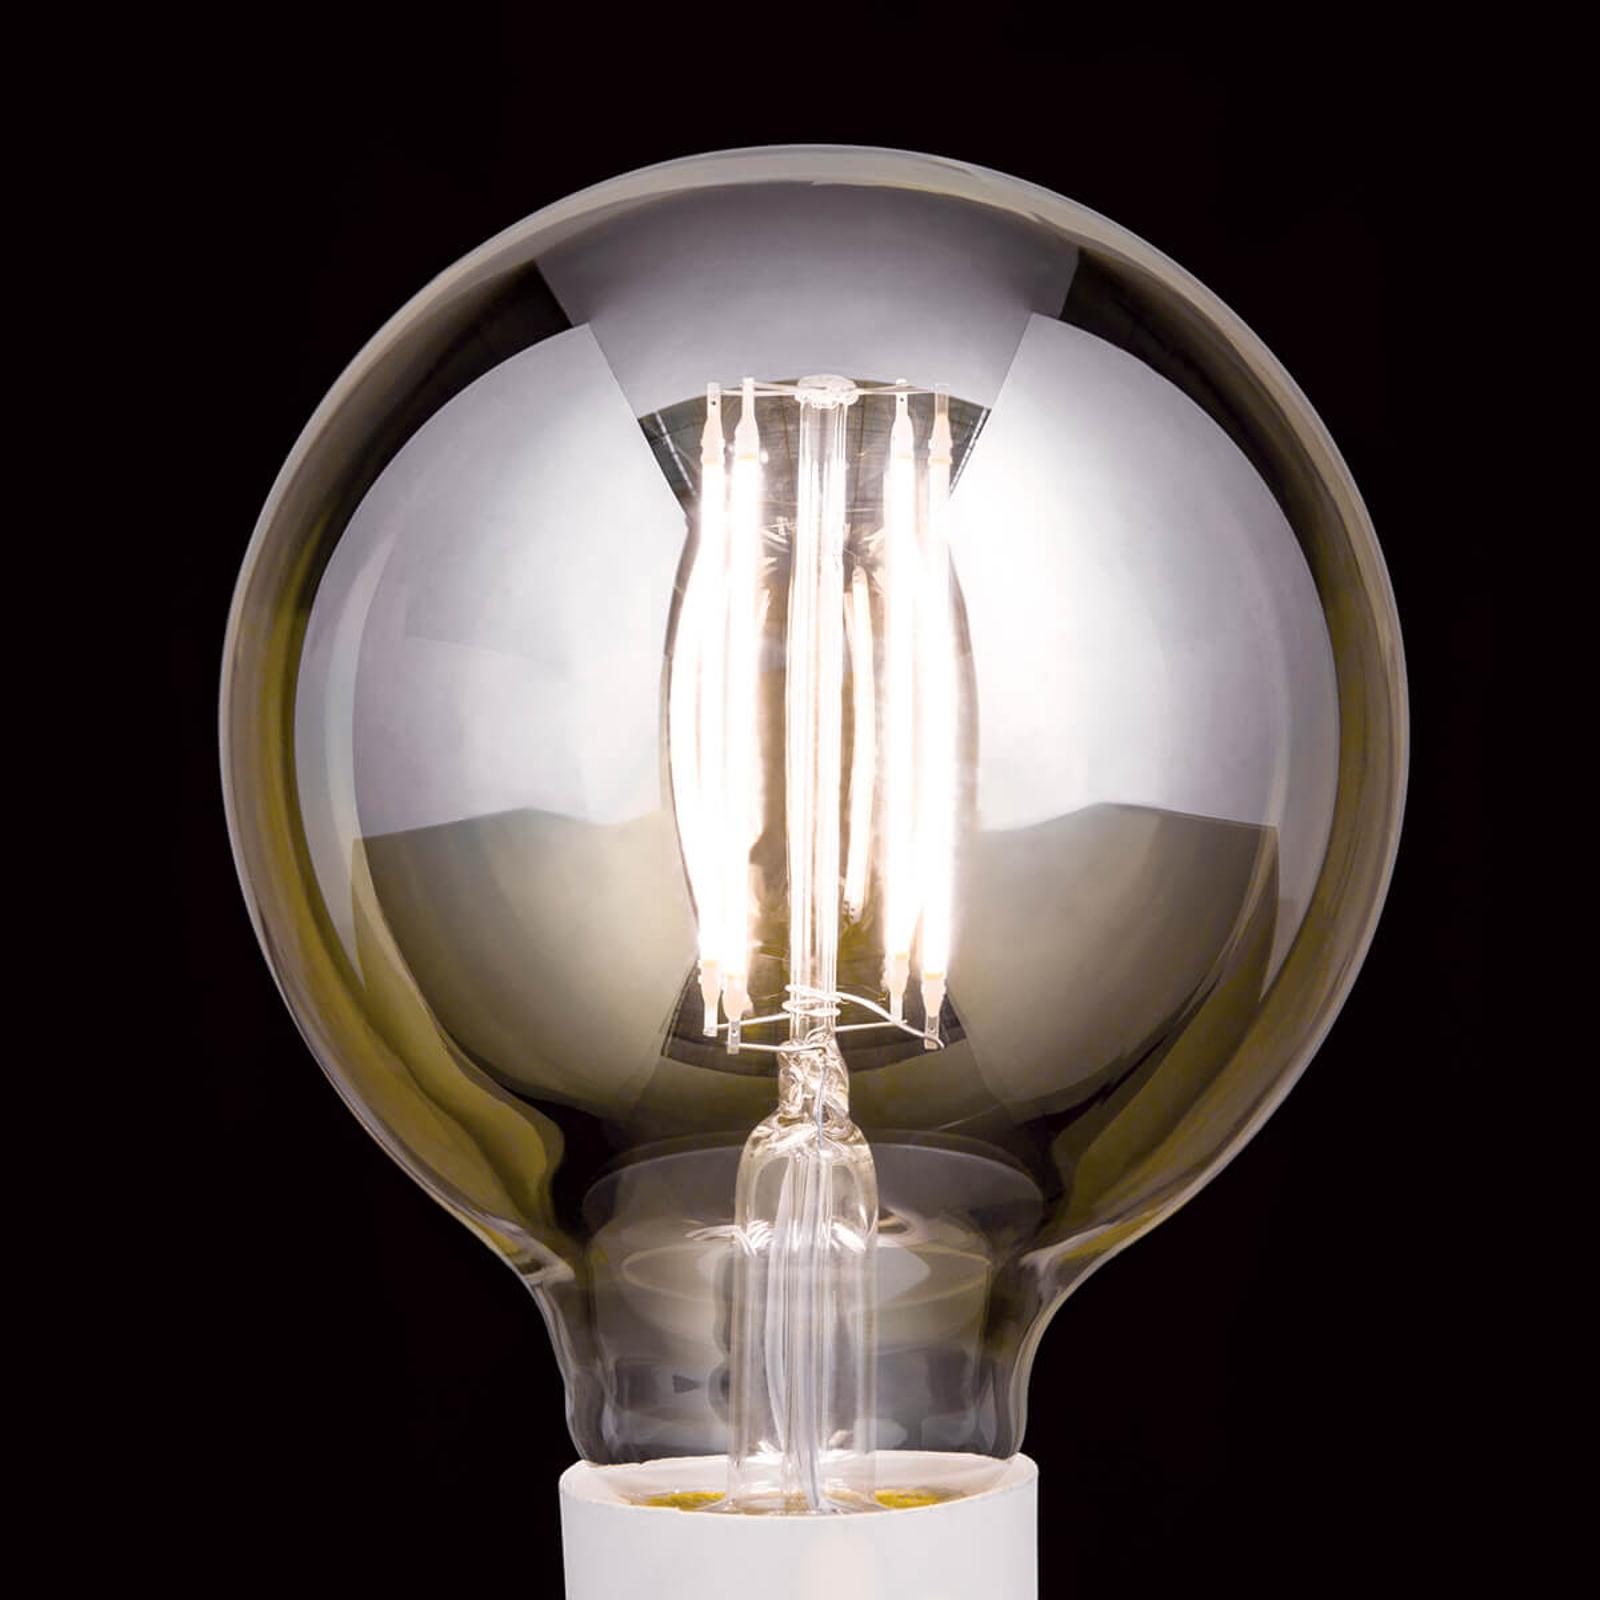 LED-globepære E27 7W, varmhvit, 720 lumen, dimbar